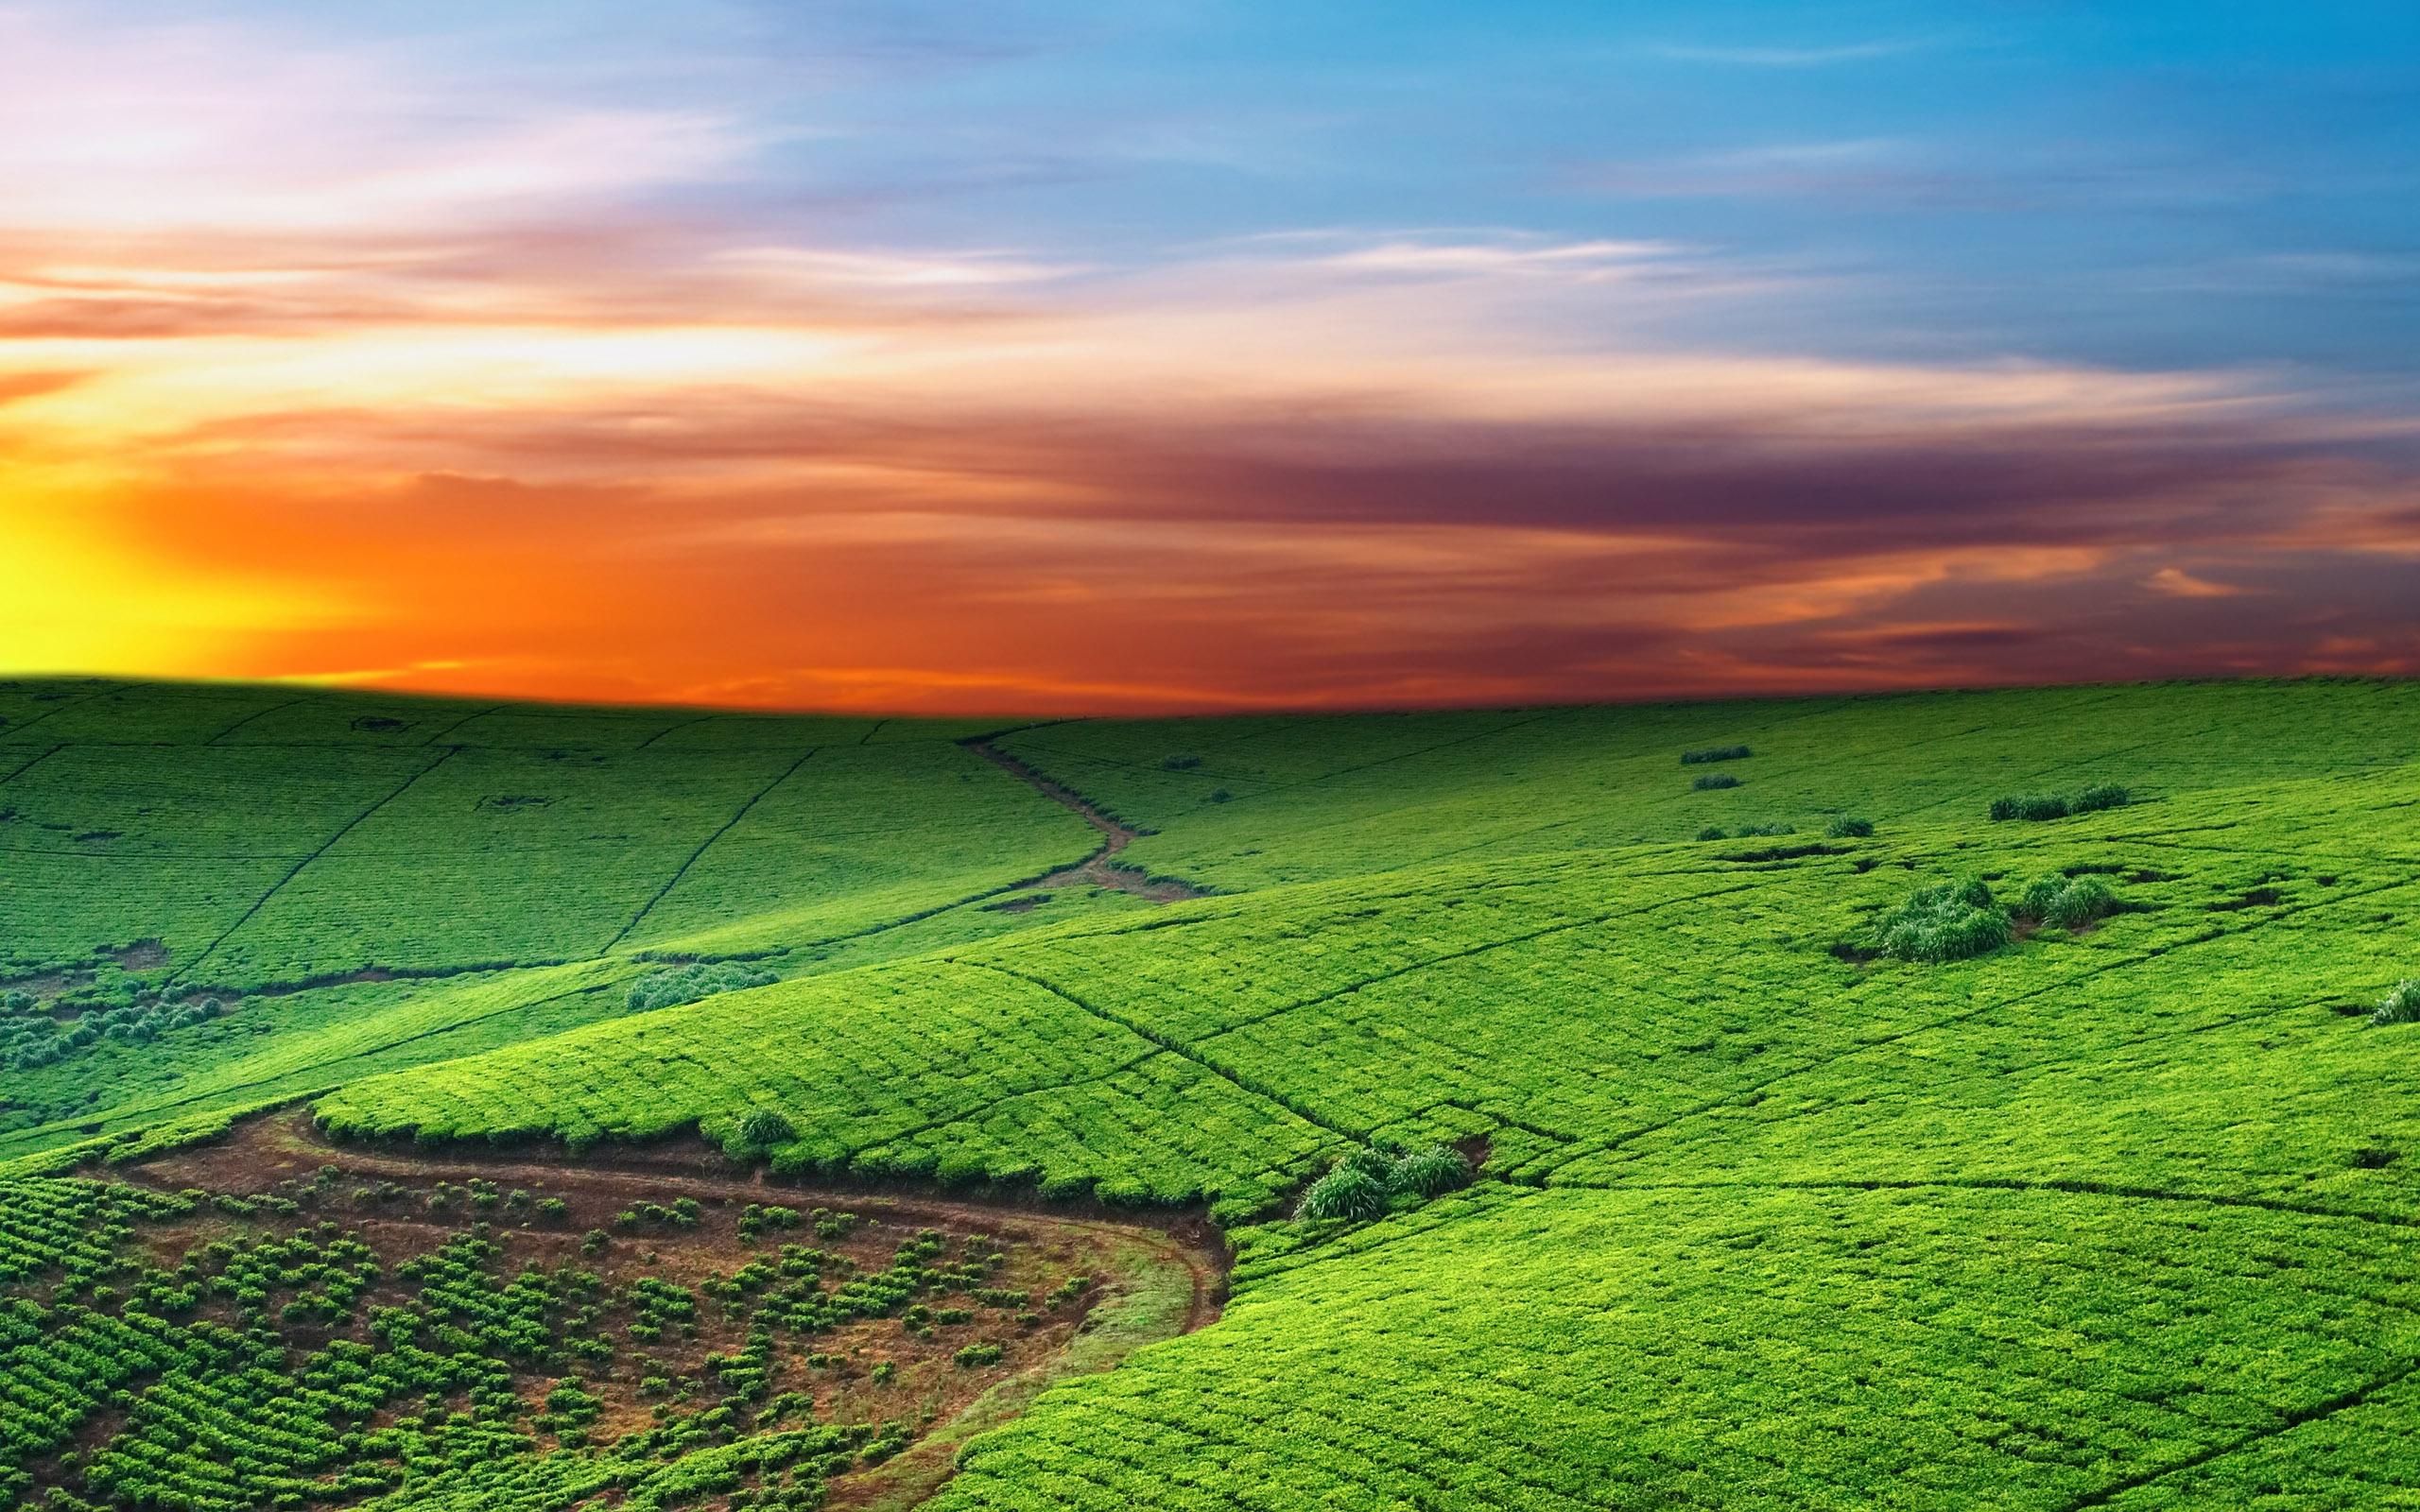 природа поле горизонт  № 3896375 без смс